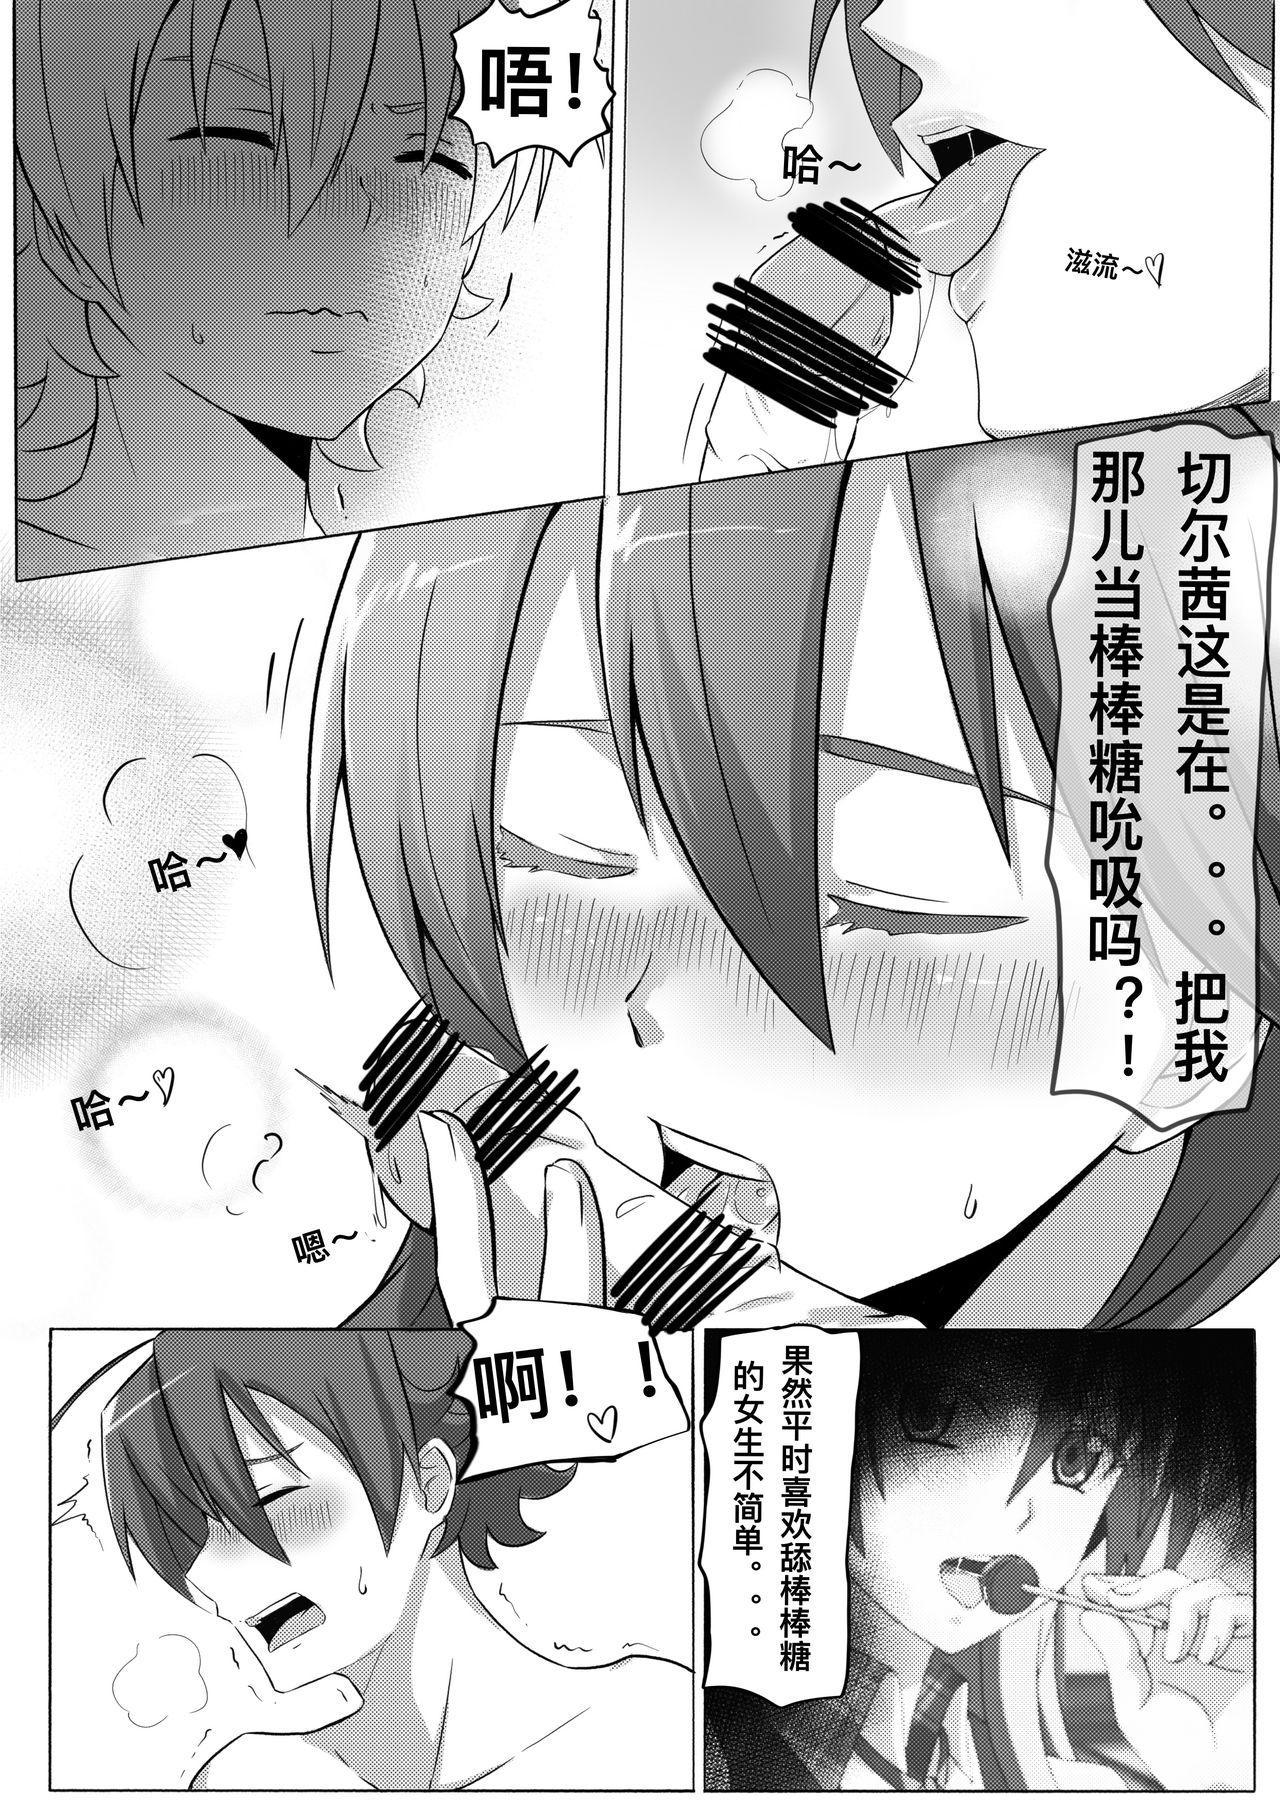 切尔茜:斩断暗恋 13